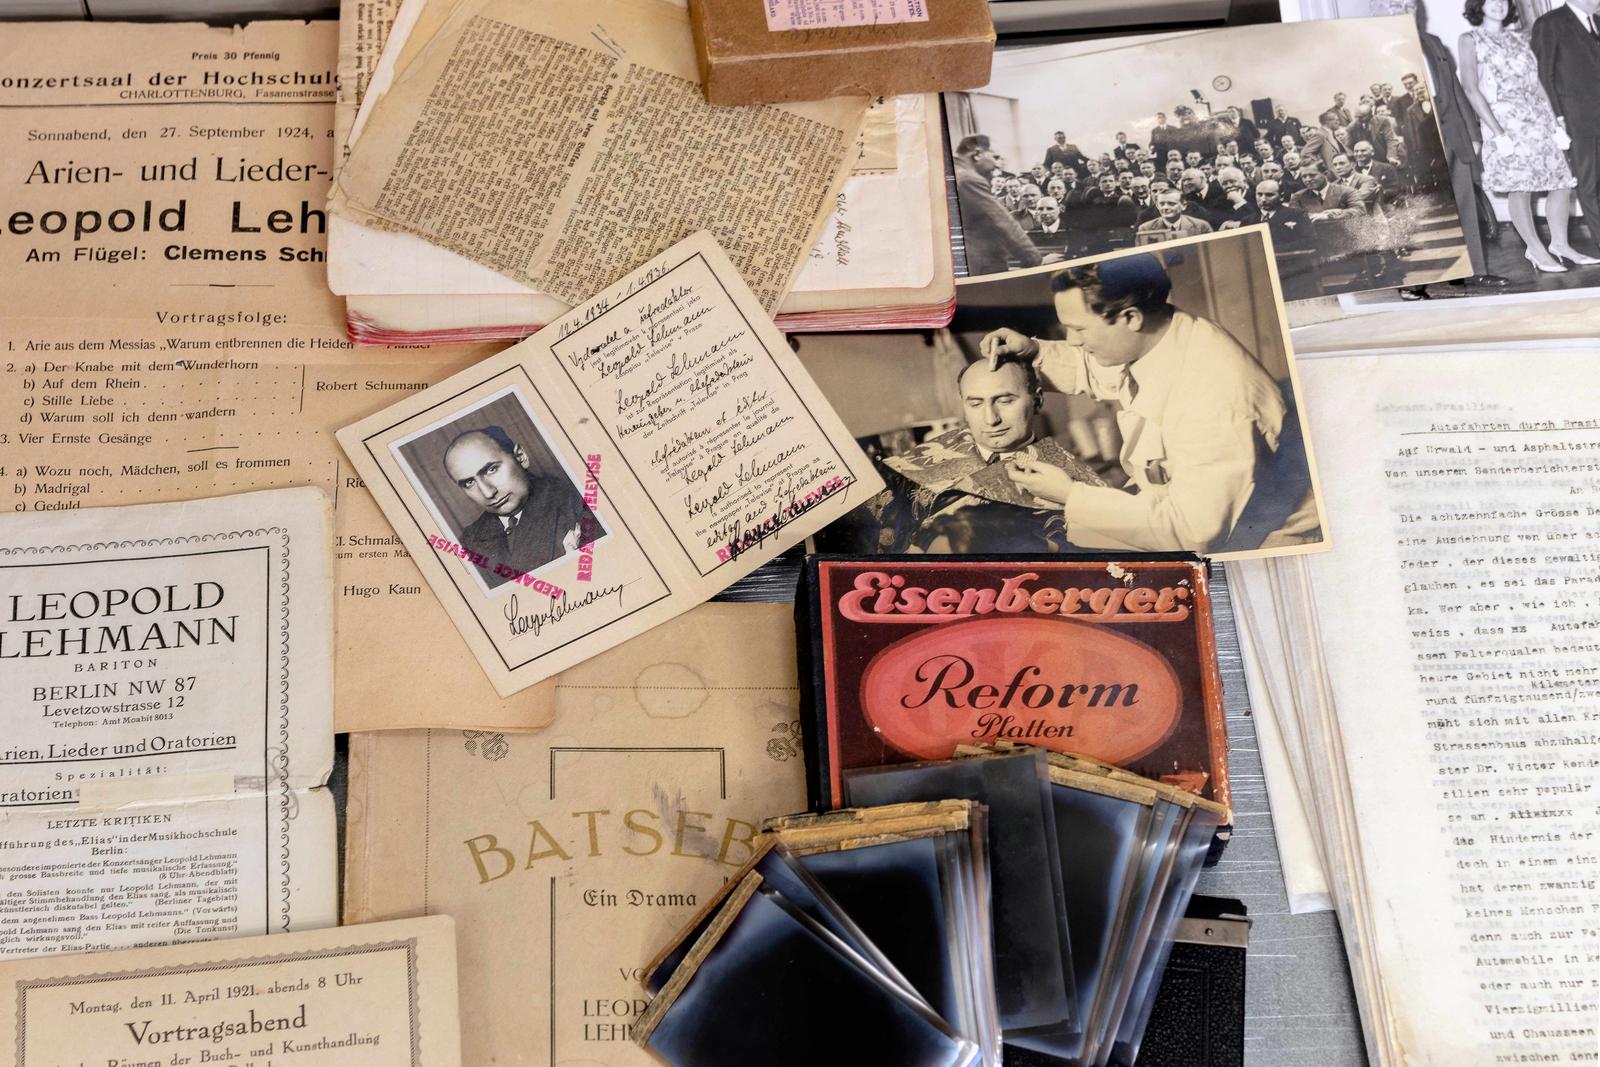 Materialien aus dem Nachlass von Leopold Lehmann